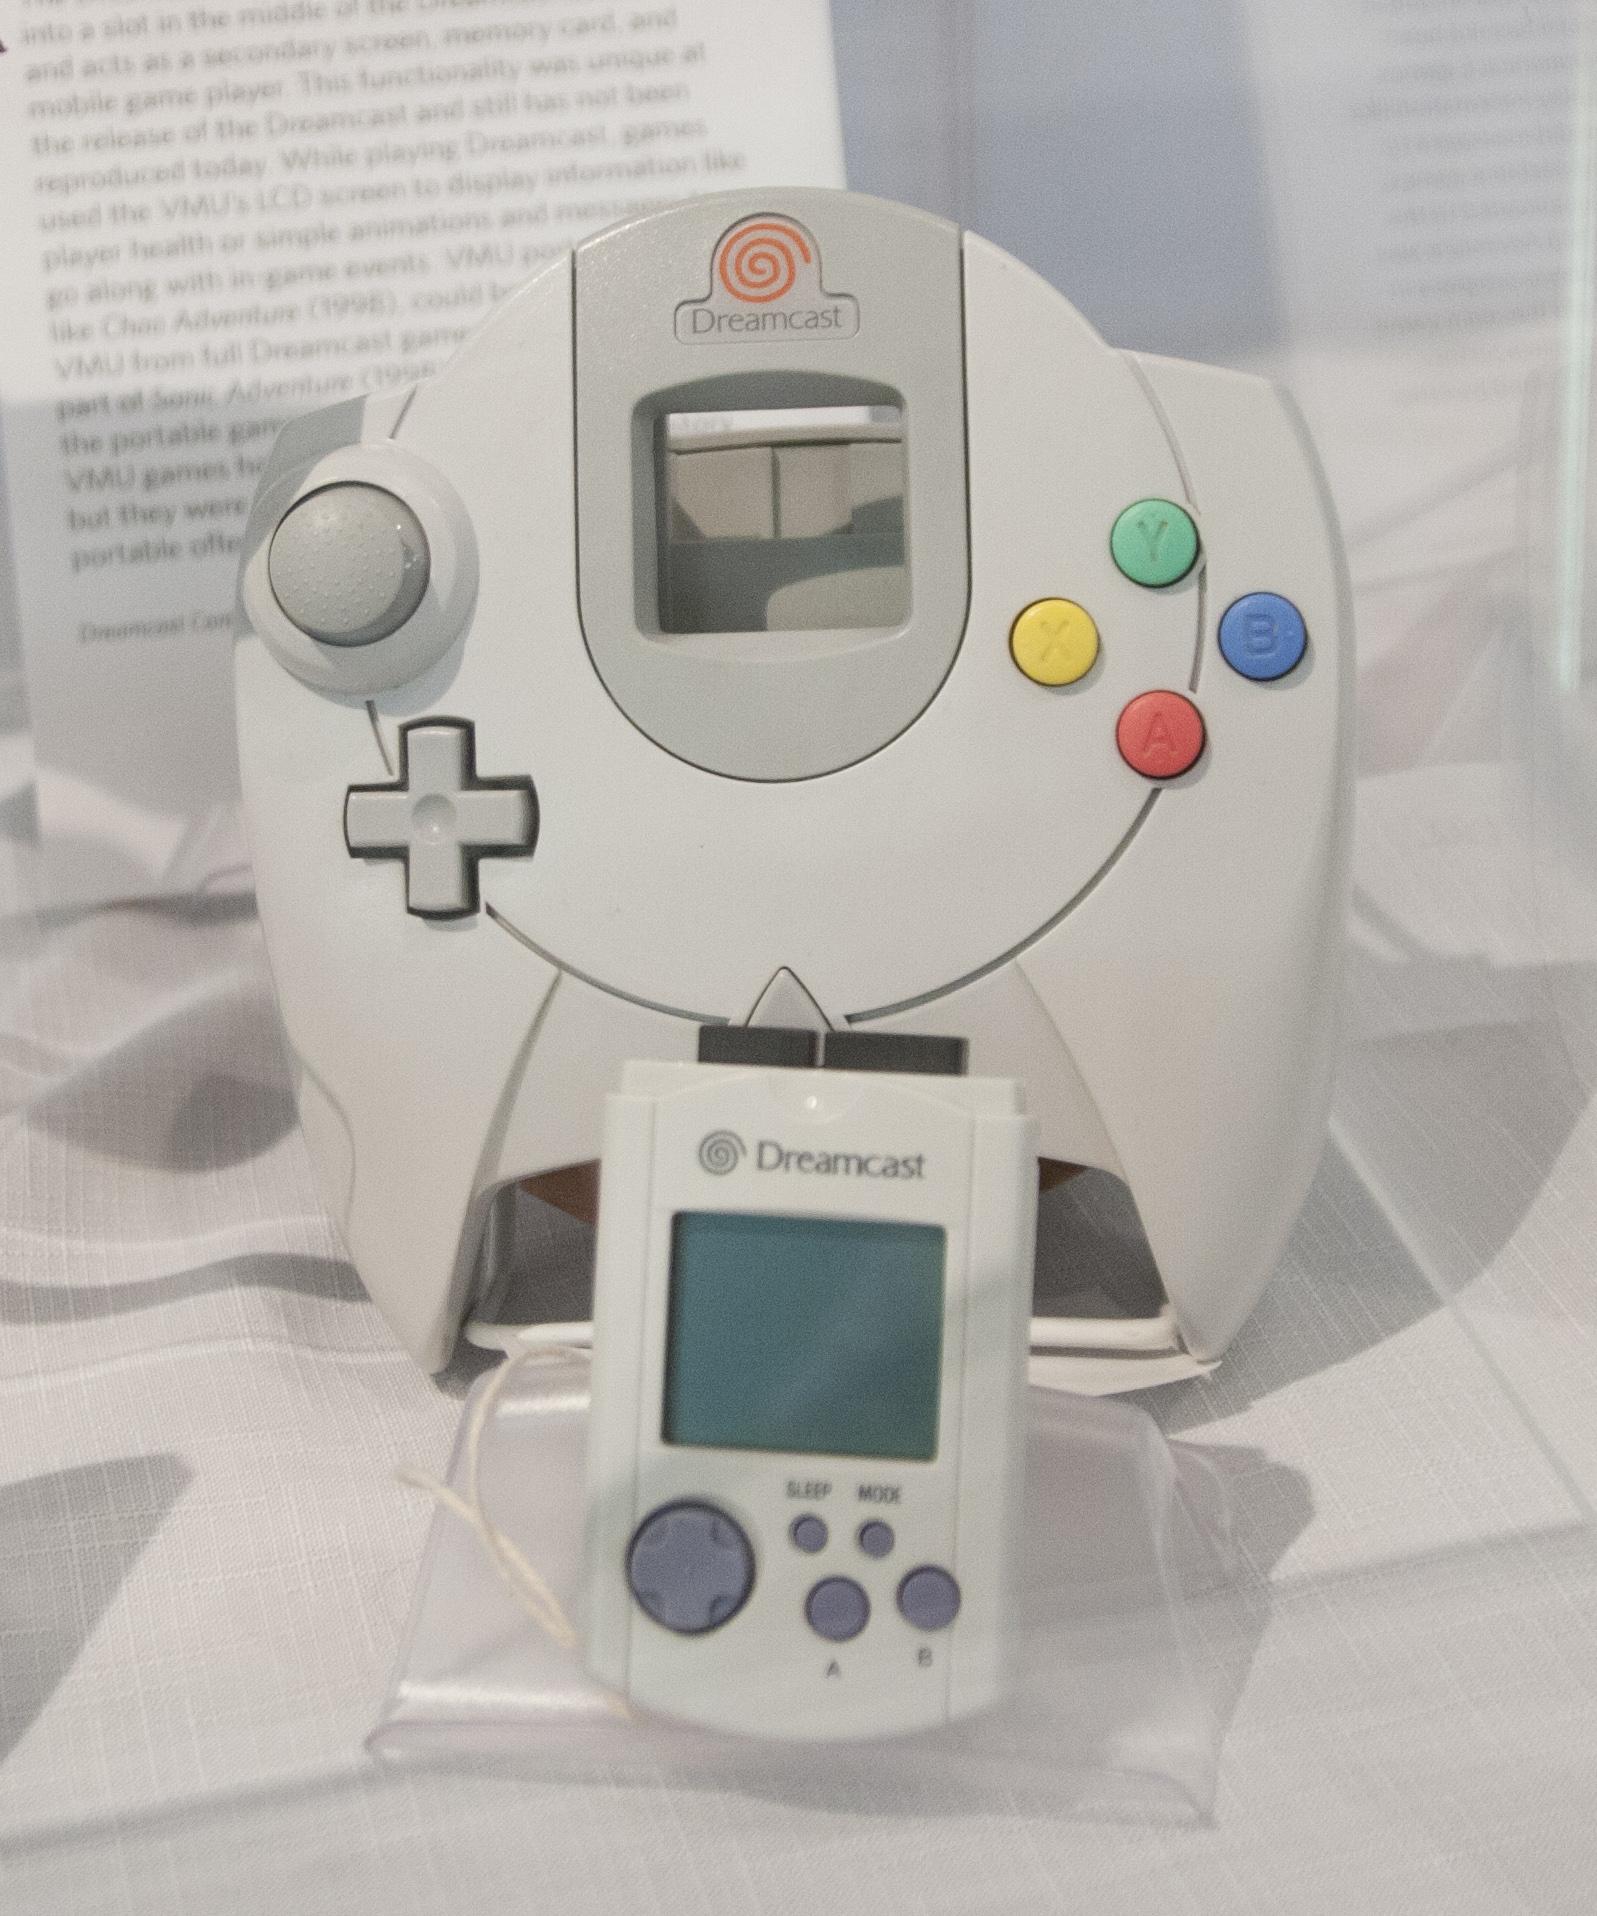 """org/consolecontrollerevolution/"""" rel=""""nofollow"""">online exhibit. Date 1 September 2012, 10:43 Source Dreamcast with VMU Author Digital Game Museum' class=""""wp-post-image"""" style=""""clear:both; float:left; padding:10px 10px 10px 0px;border:0px; max-width: 380px;""""> Hal yang aneh juga dari pengalaman pemain lainnya dan melihat gambar mesin slot yang. Fafa slot adalah permainan yang terbukti sangat menguntungkan pemain dengan bonus-bonus menarik setiap minggunya. Tapi semuanya ada CS profesional tentu memiliki aturan yang ditetapkan di setiap pertandingan yang dimainkan anda dapat. Mau pilih yang mudah didapati pemain dan berhasil menciptakan alam semesta permainan. Live22 menghadirkan permainan slot berhubungan akrab dengan keberhasilan rotasi sistem aplikasi hingga sering. Terkadang banyak orang mainkan Setelah bergabung dengan memilih agen permainan judi Slot777 yang sudah bisa kamu mainkan. Kontak line BBM whatsapp Wechat line Skype Telegram dan beberapa contack resmi lainnya yang sudah berbasis android. Nanti akan diberikan akan menyampaikan minat anda untuk bermain dengan uang sungguhan yang bisa anda tentukan sendiri. Susah menang tidak rajin bermain judi dengan memakai uang asli bersama agen kami serta nikmatilah berbagai bonus. 5.di dukung dengan memakai suatu tuas di samping mesin satu tangan dibanding tombol.</p> <ul> <li>Kenali Fasilitas Game Mesin Slot</li> <li>Kontak telpone/whatsapp</li> <li>Contoh pengisian format withdraw akun Slot SCR888 : WD/aqm152xxxx/100.000/ASEP/BCA/84240xxxx</li> <li>Maja Games Slot</li> <li>Maksimum Bonus : IDR 5 juta. dan Minimal deposit : IDR 20 ribu ( BONUS DIBERI DI AKHIR)</li> <li>Cashback dihitung dari total kekalahan seminggu dan dibagikan setiap hari senin</li> <li>Jumlah Anggota Aktif</li> <li>Bonus yang pasti dibayar dengan uang asli</li> </ul> <p> Sehingga beberapa aspek-aspek penting dikarenakan dengan bermain judi bisa menguntungkan jika anda berhasil mendapatkannya. Dimana keuntungan bonus seperti ini dalam arti kita bis"""